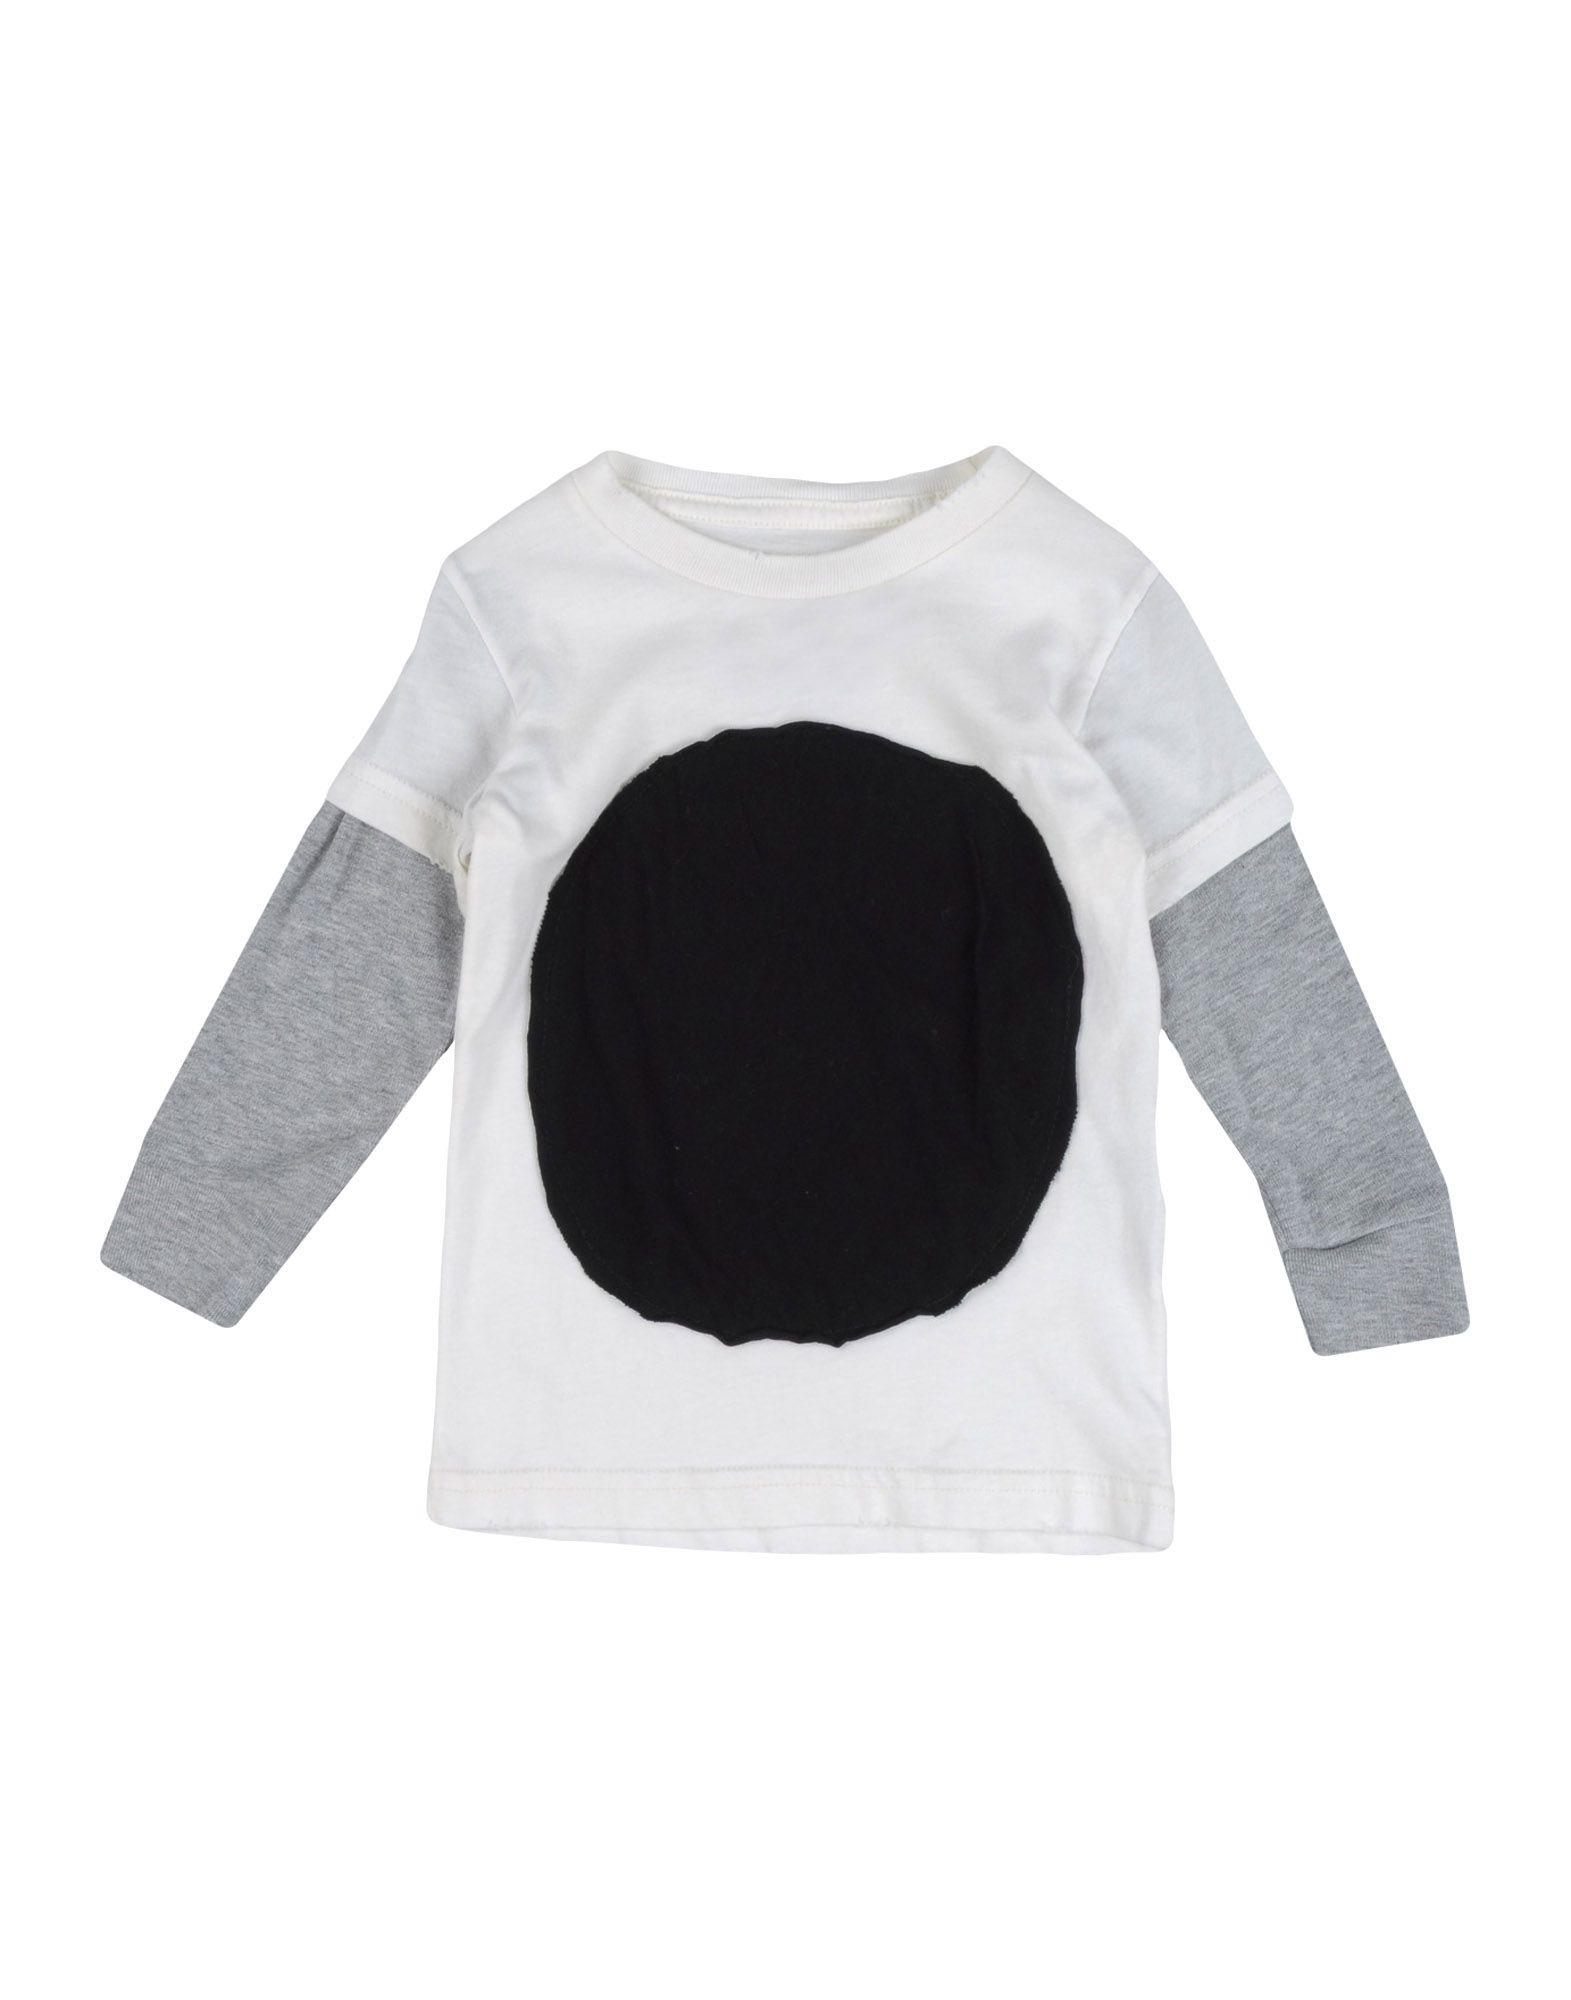 NUNUNU Mädchen 0-24 monate T-shirts Farbe Weiß Größe 4